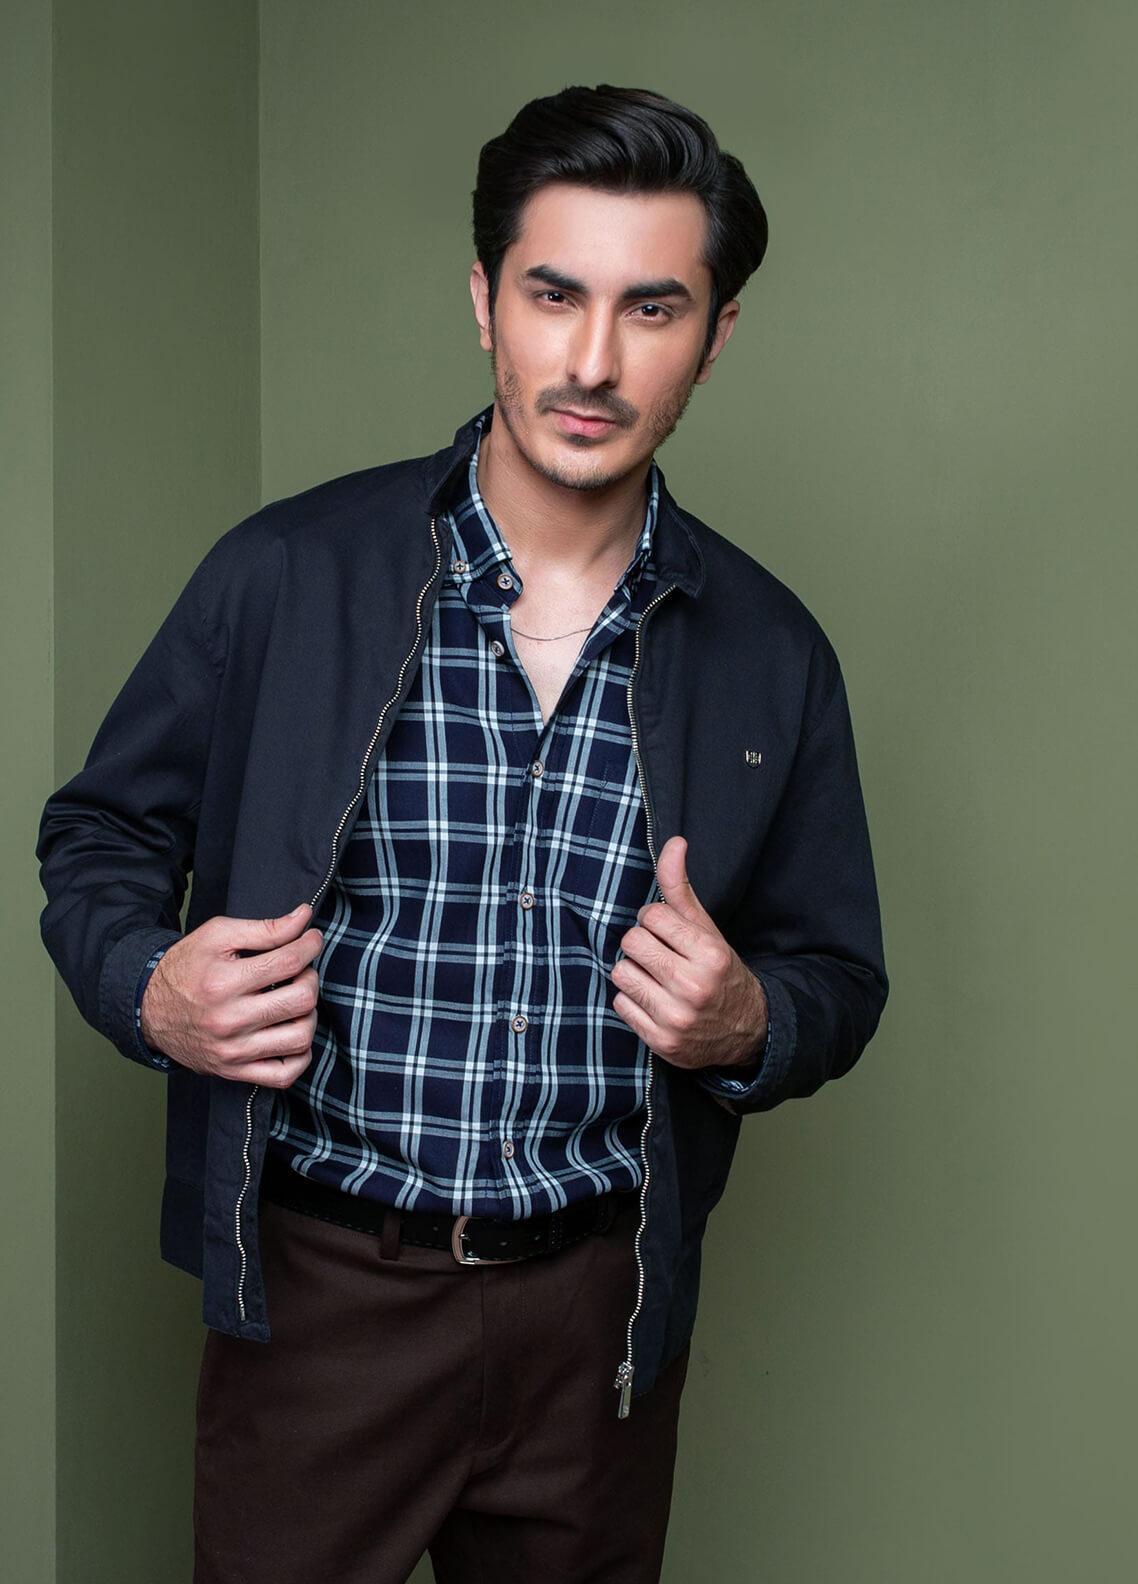 Brumano Cotton Full Sleeves Jackets for Men -  JKT-028